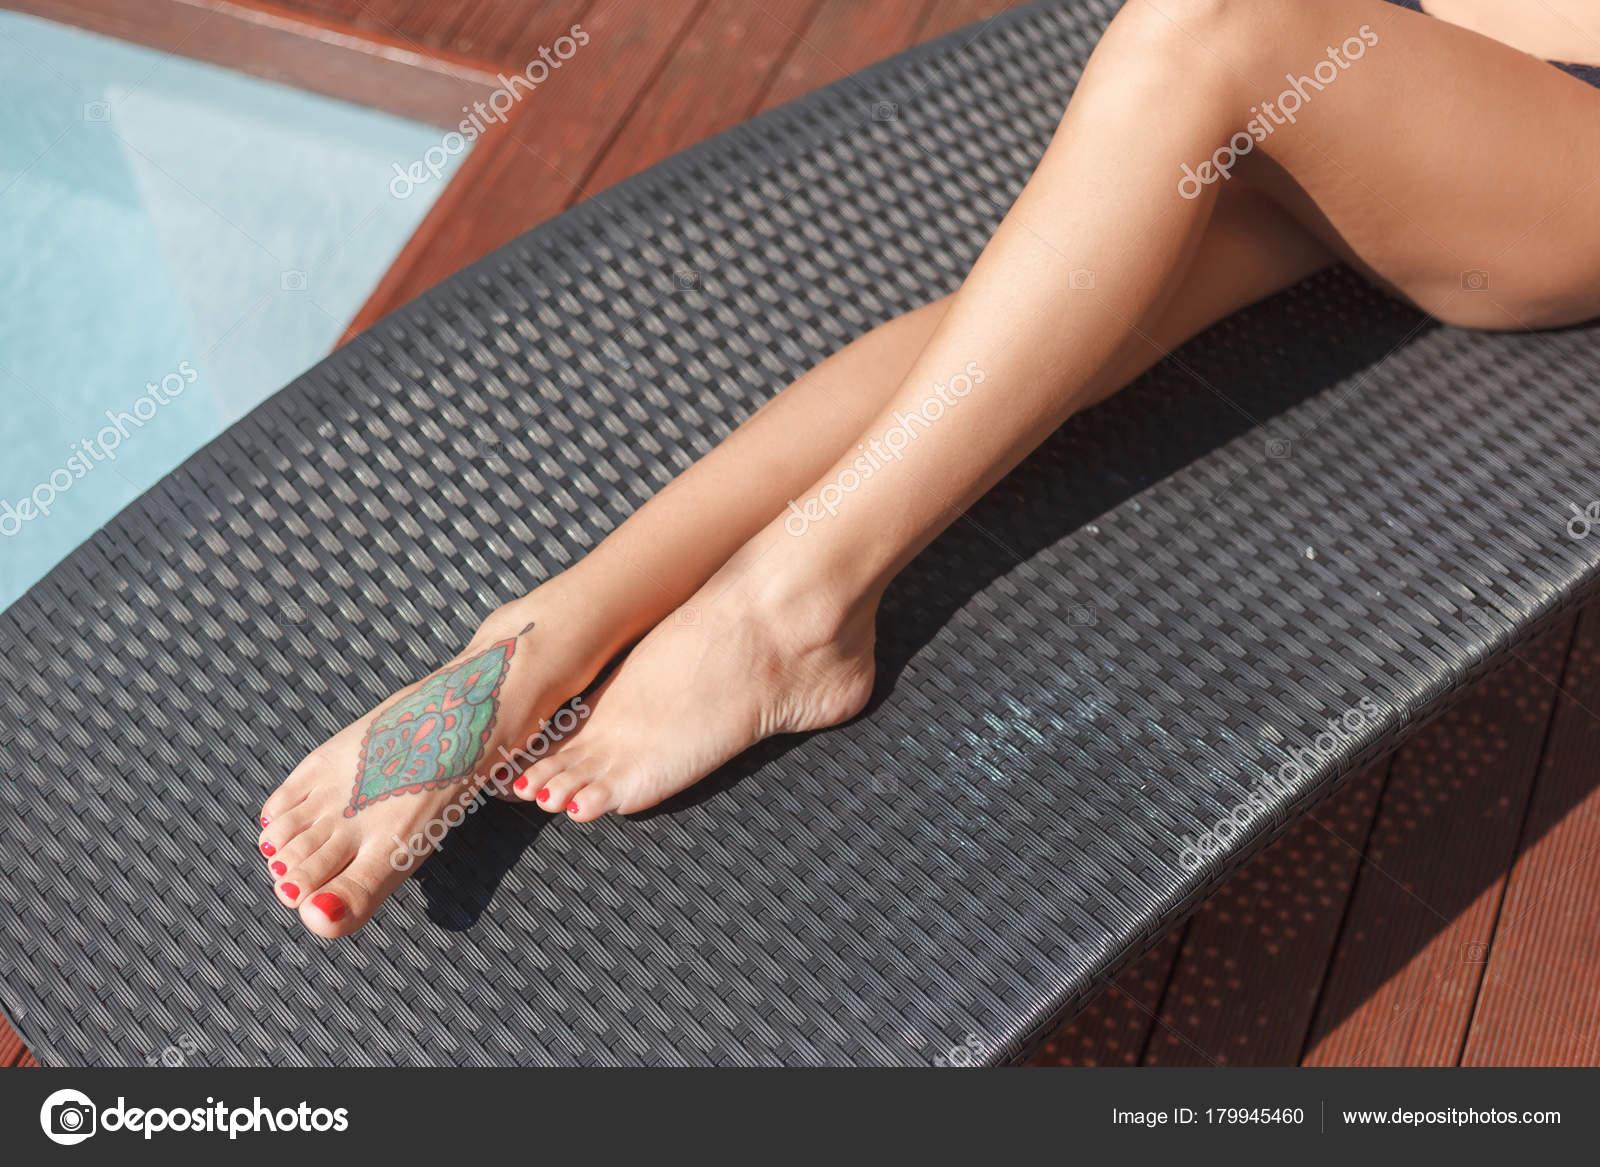 Recortar Foto Mujer Con Tatuaje Pie Salón Sol Fotos De Stock